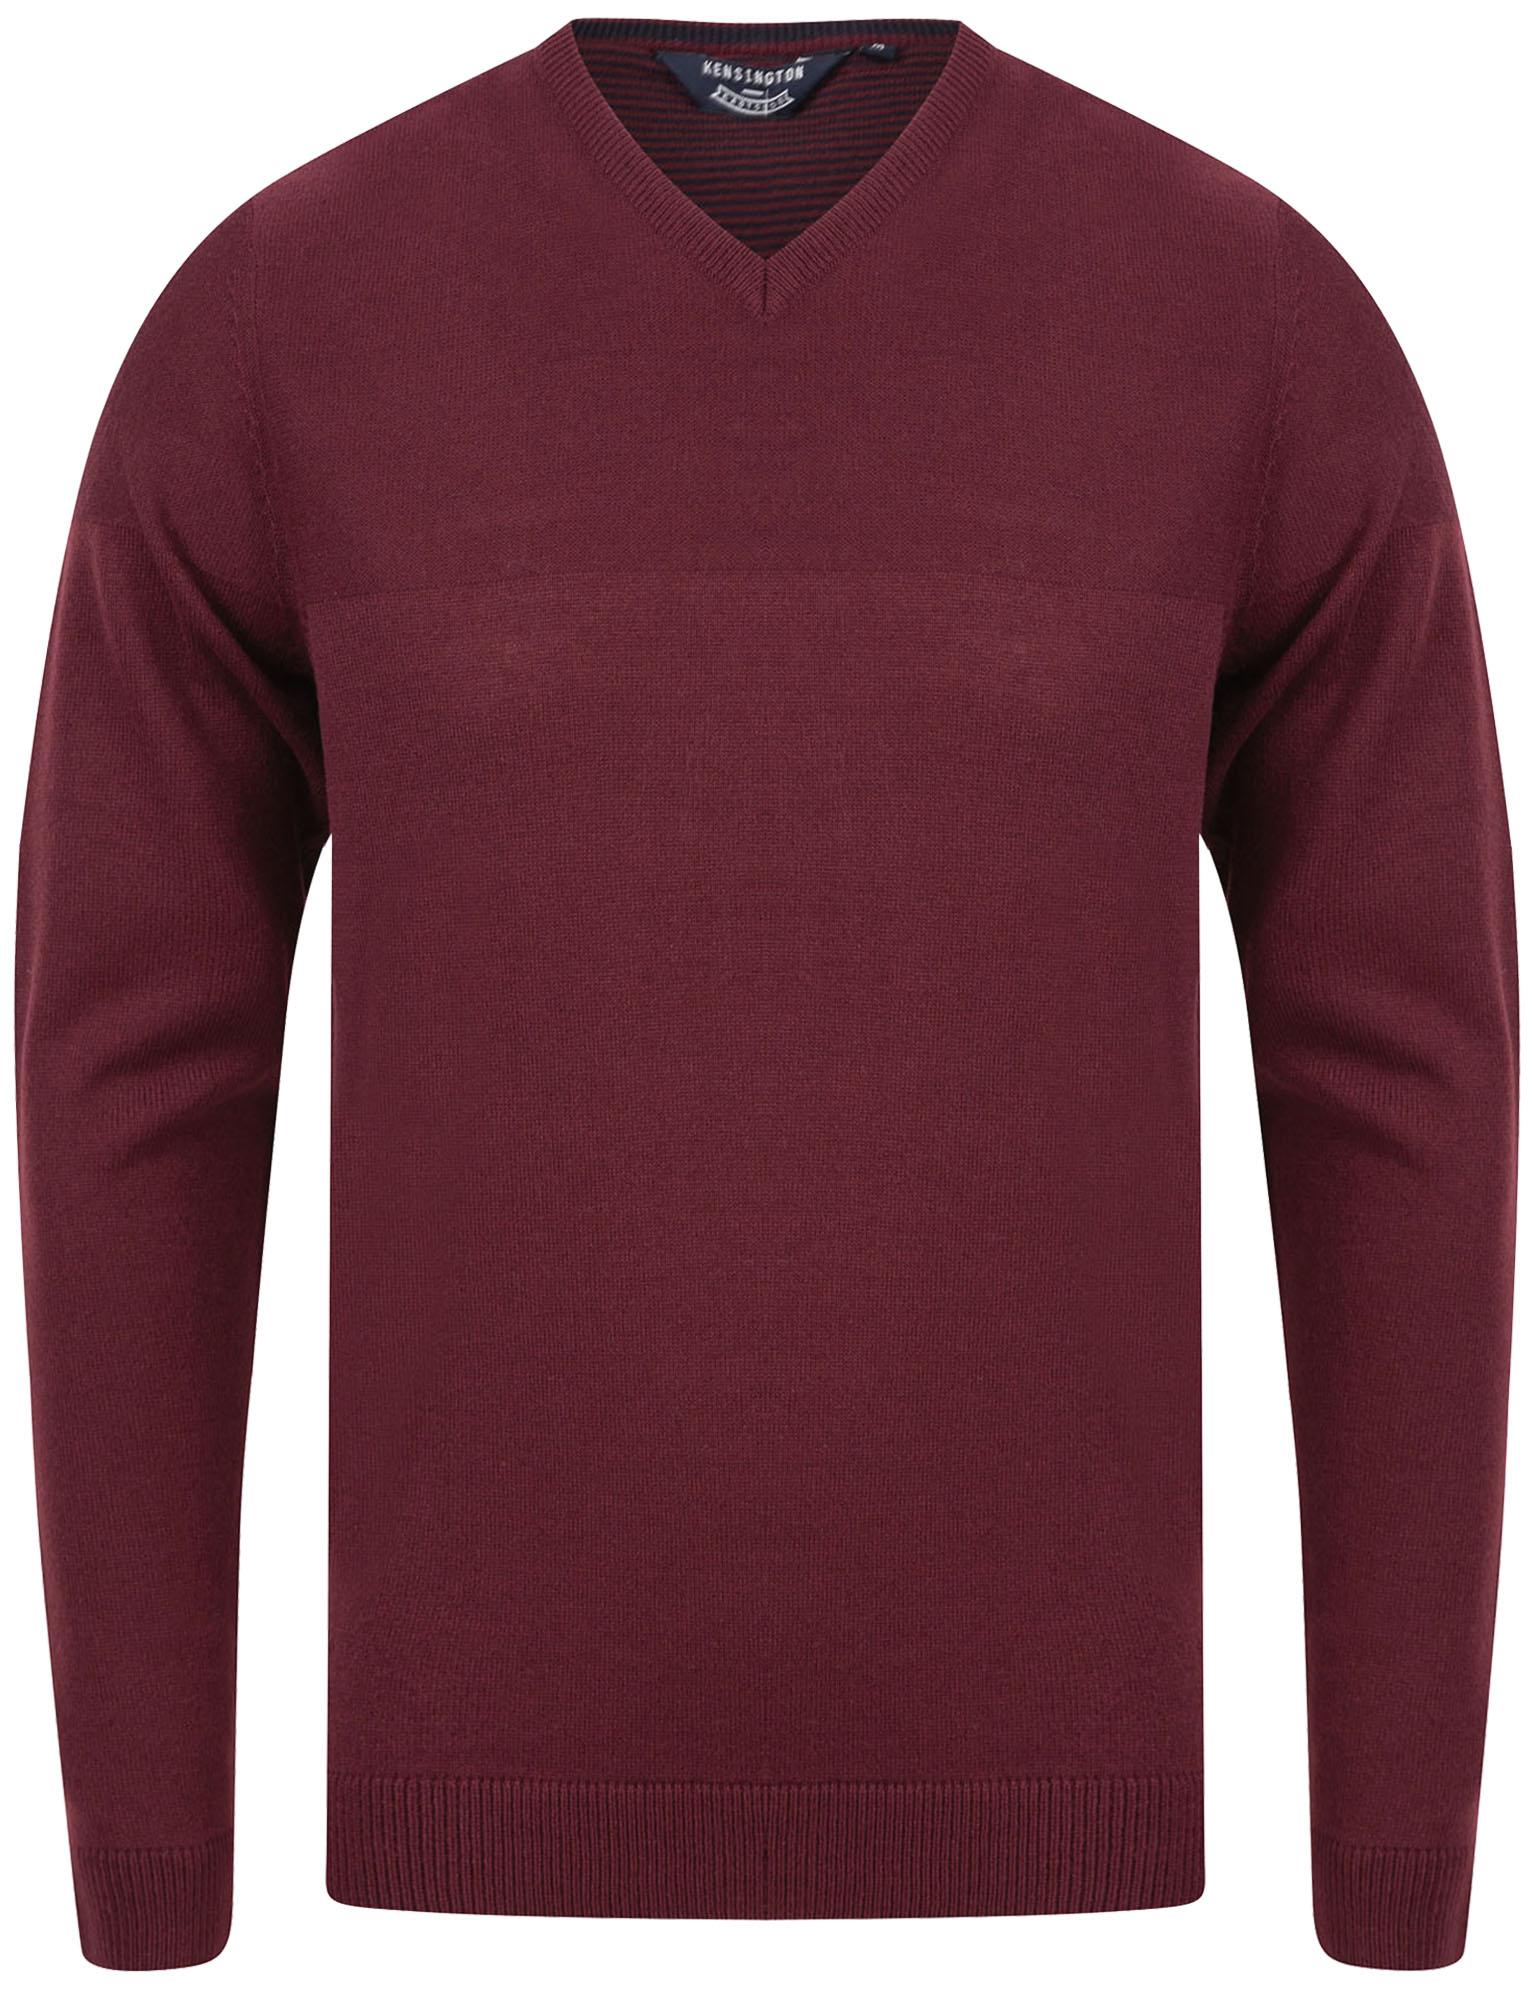 Kensington-Eastside-Men-039-s-Knitted-Crew-or-V-Neck-Jumper-Sweater-Top-Pullover thumbnail 53